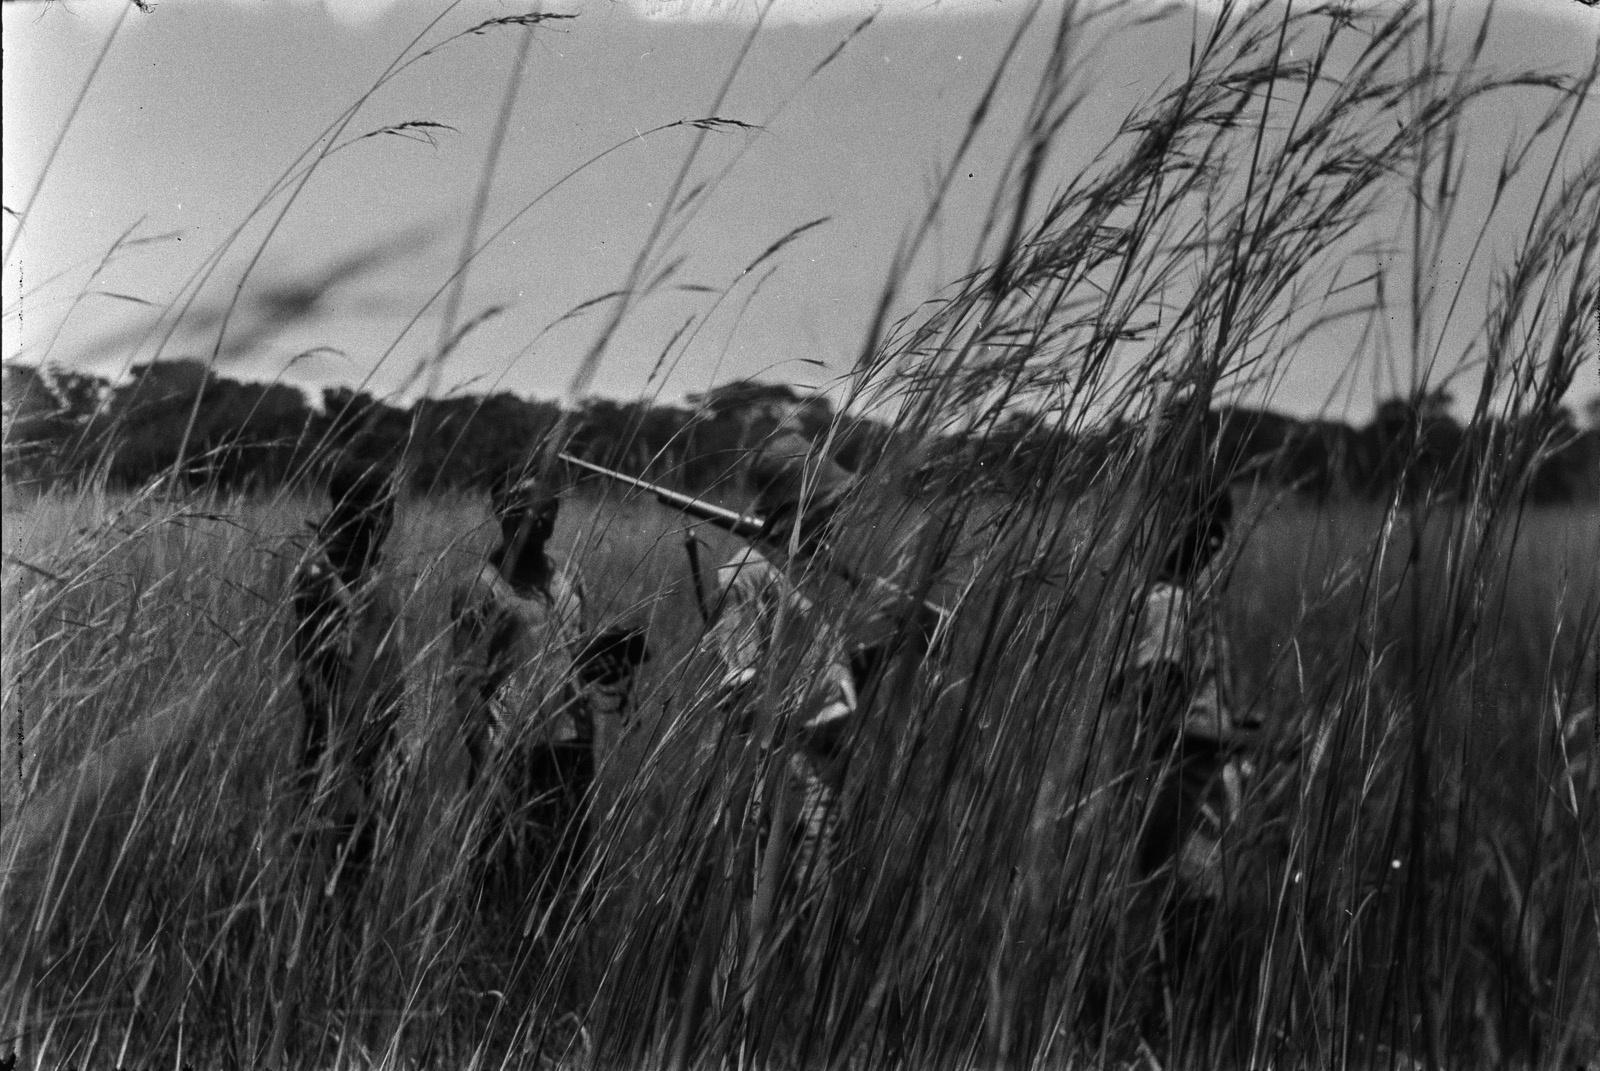 Между Капири Мпоши и рекой Лунсемфва. Группа людей в высокой траве дамбо